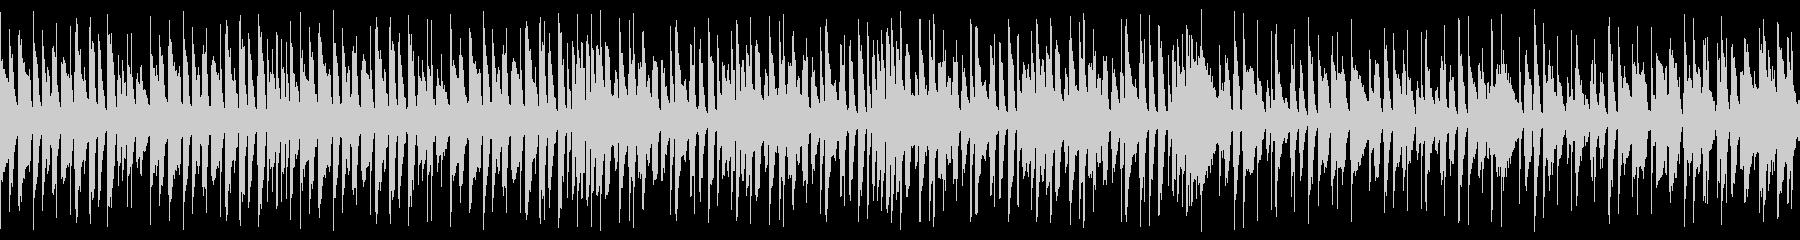 エネルギッシュでハッピーなジャズ(ループの未再生の波形